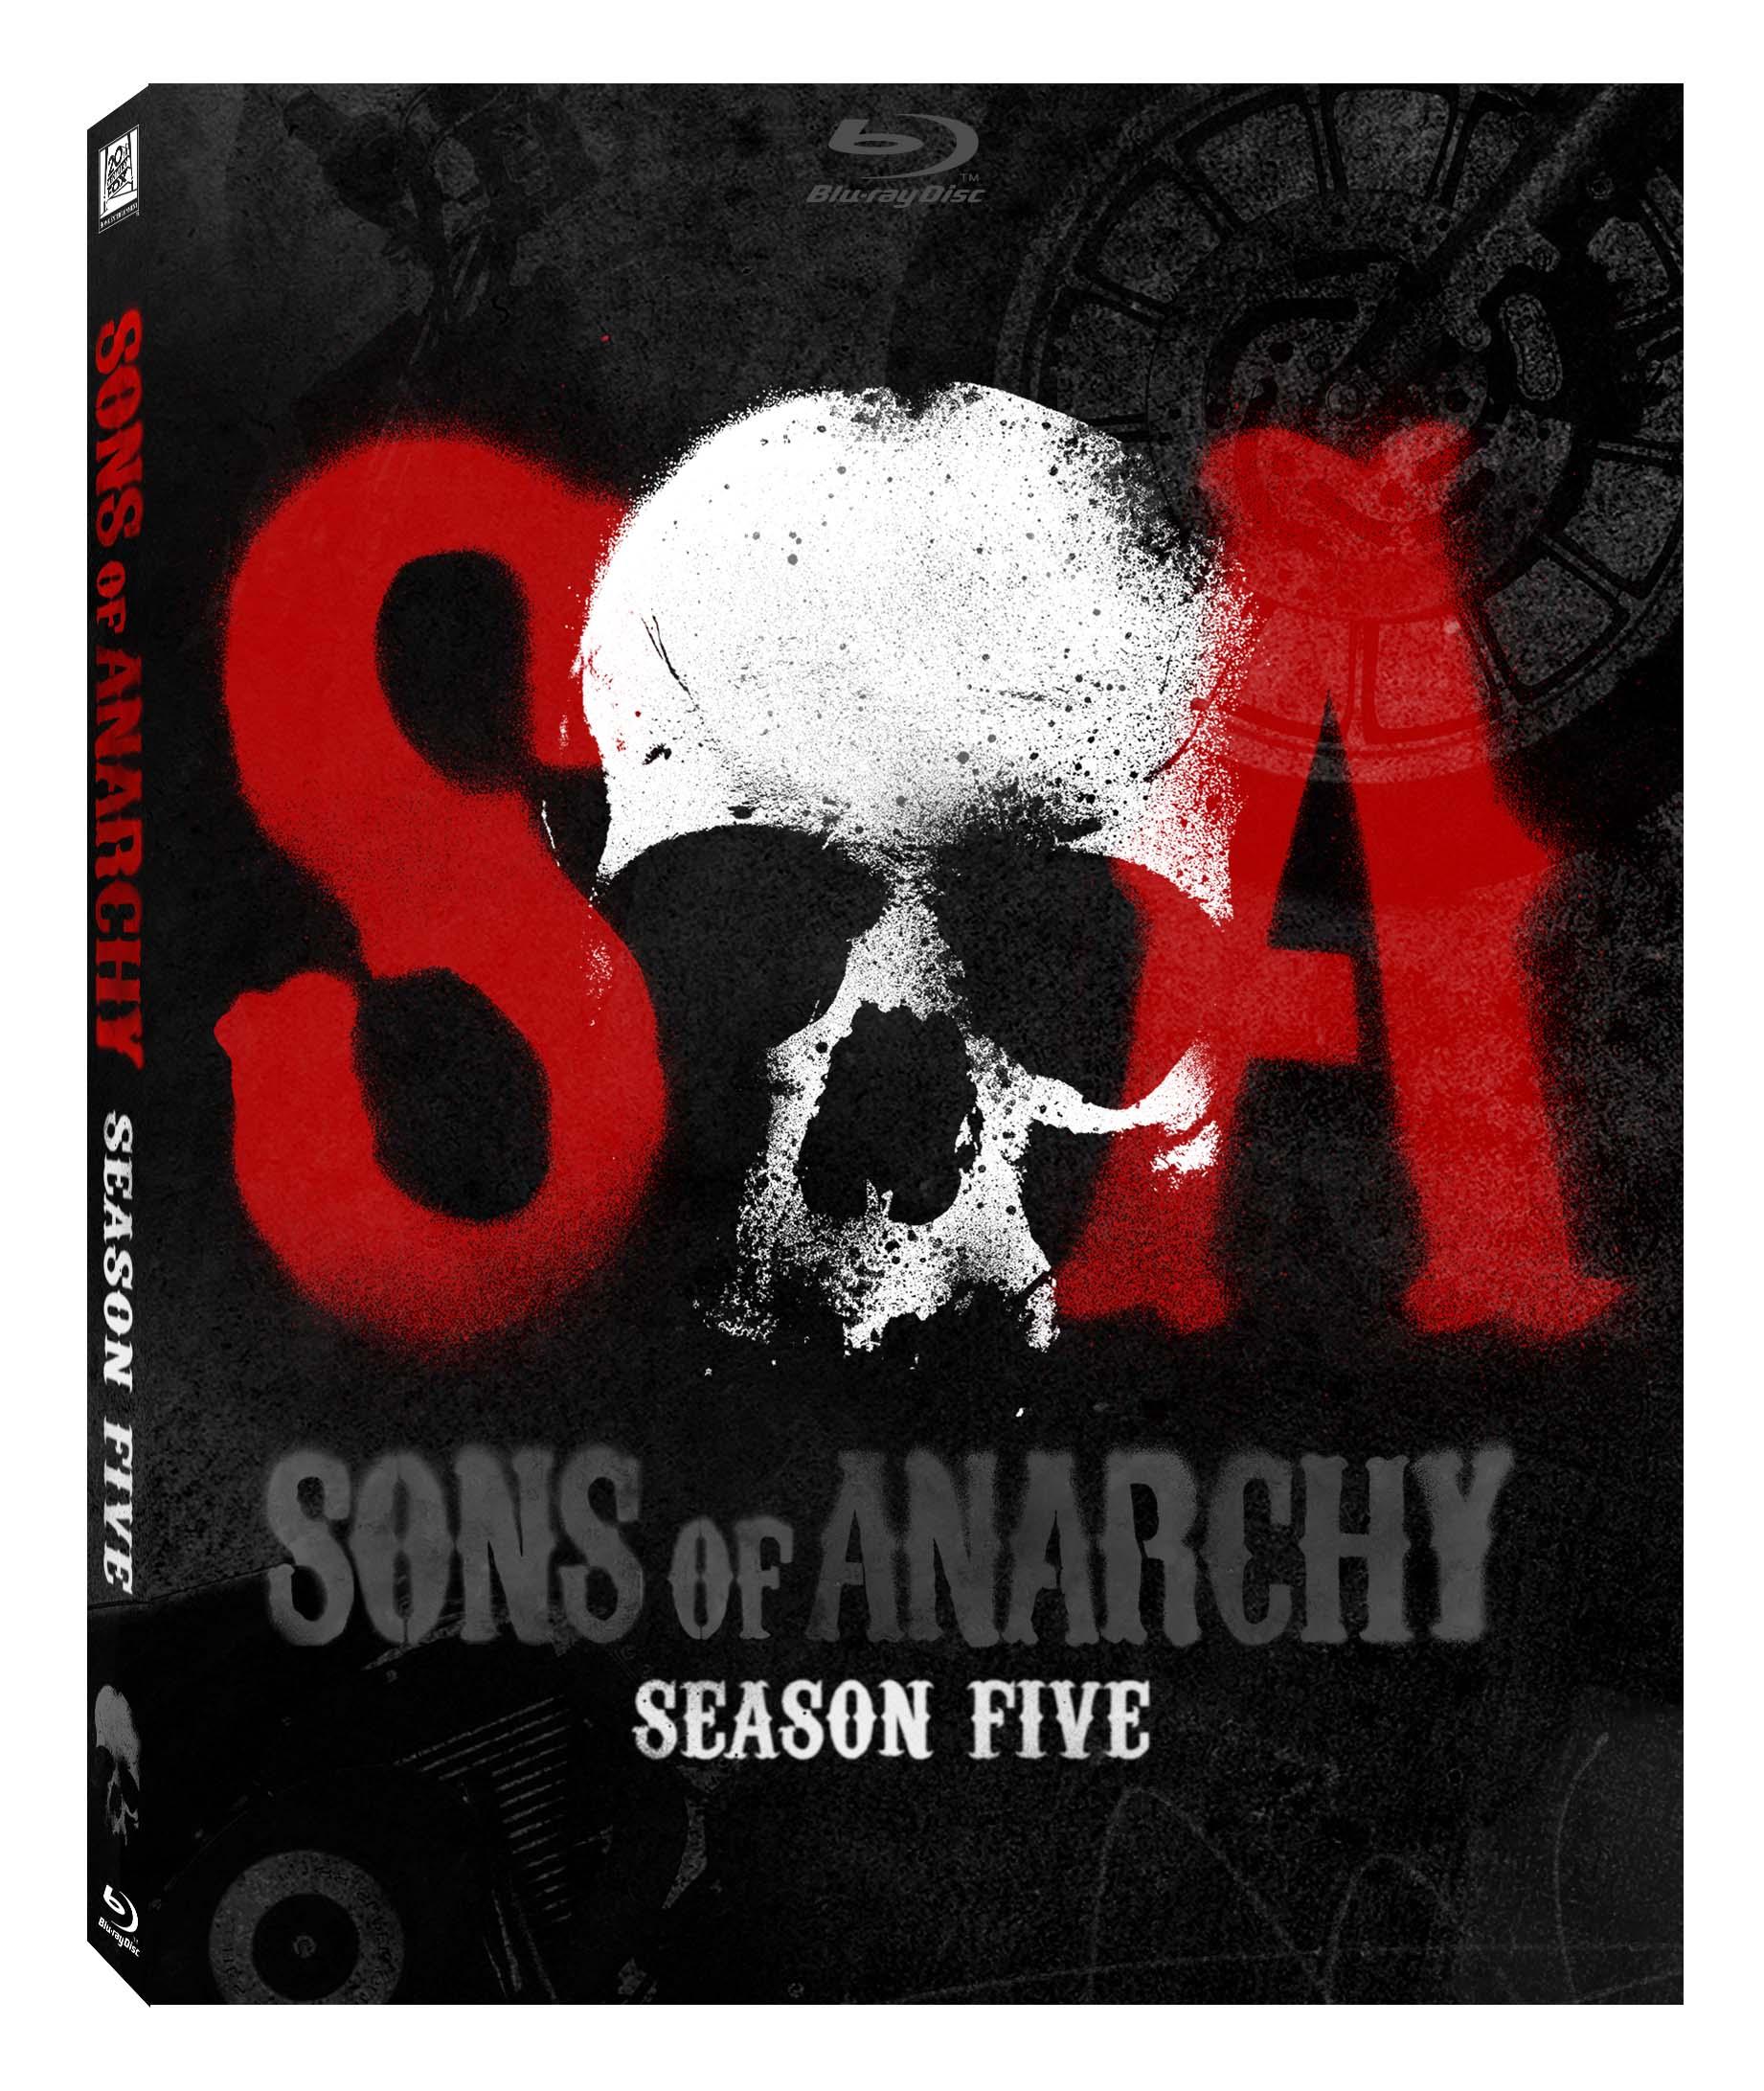 supernatural season 1 episode 1 free download